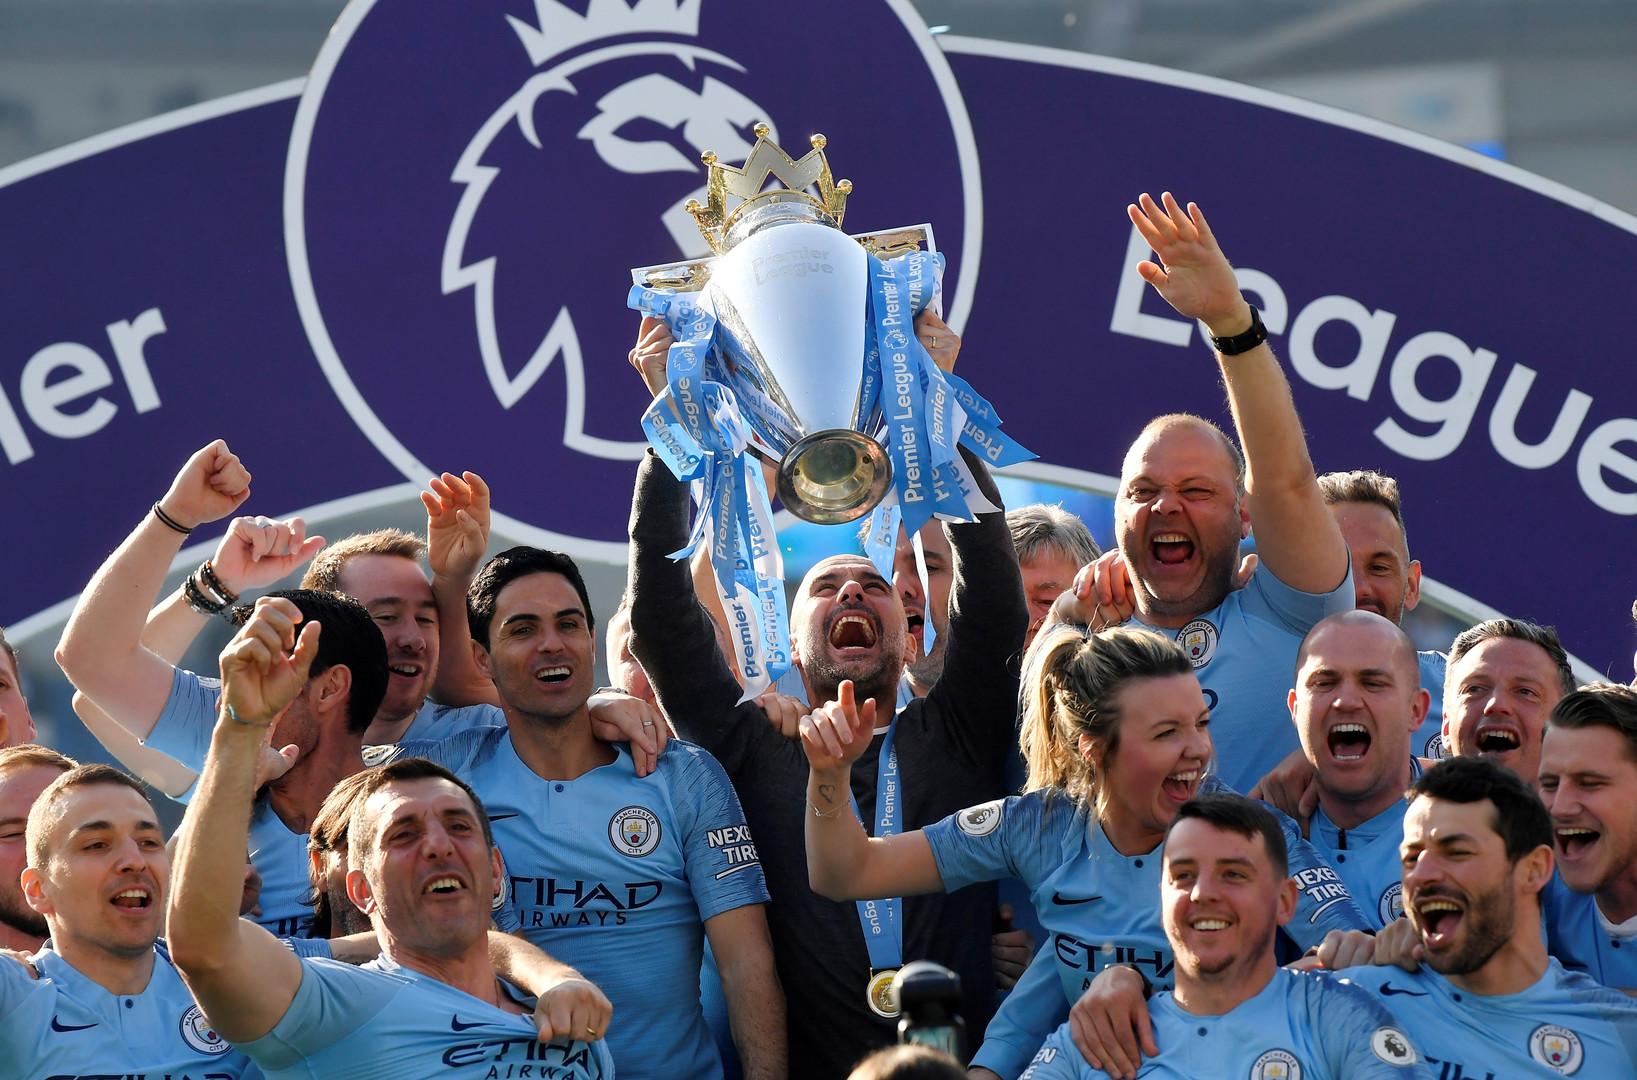 مانشستر سيتي بطلا للدوري الإنجليزي للمرة الثانية على التوالي - RT ...